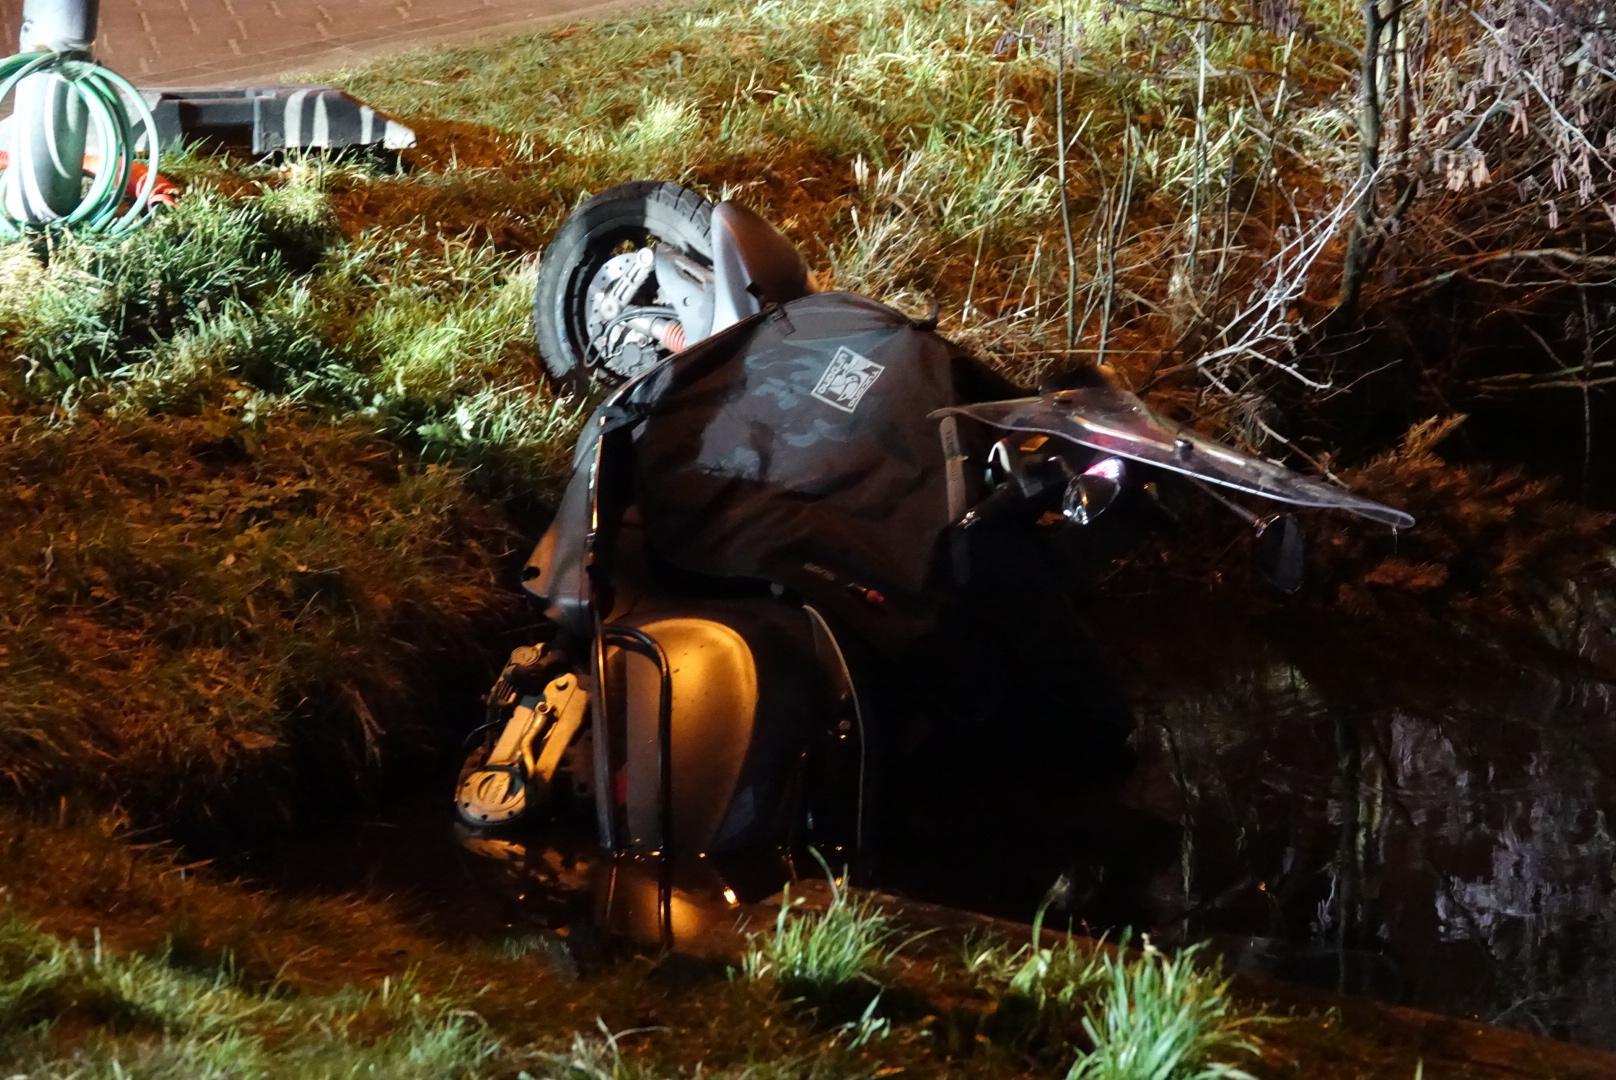 Scooter in de sloot bij ongeluk in Westzaan, bestuurder ernstig gewond